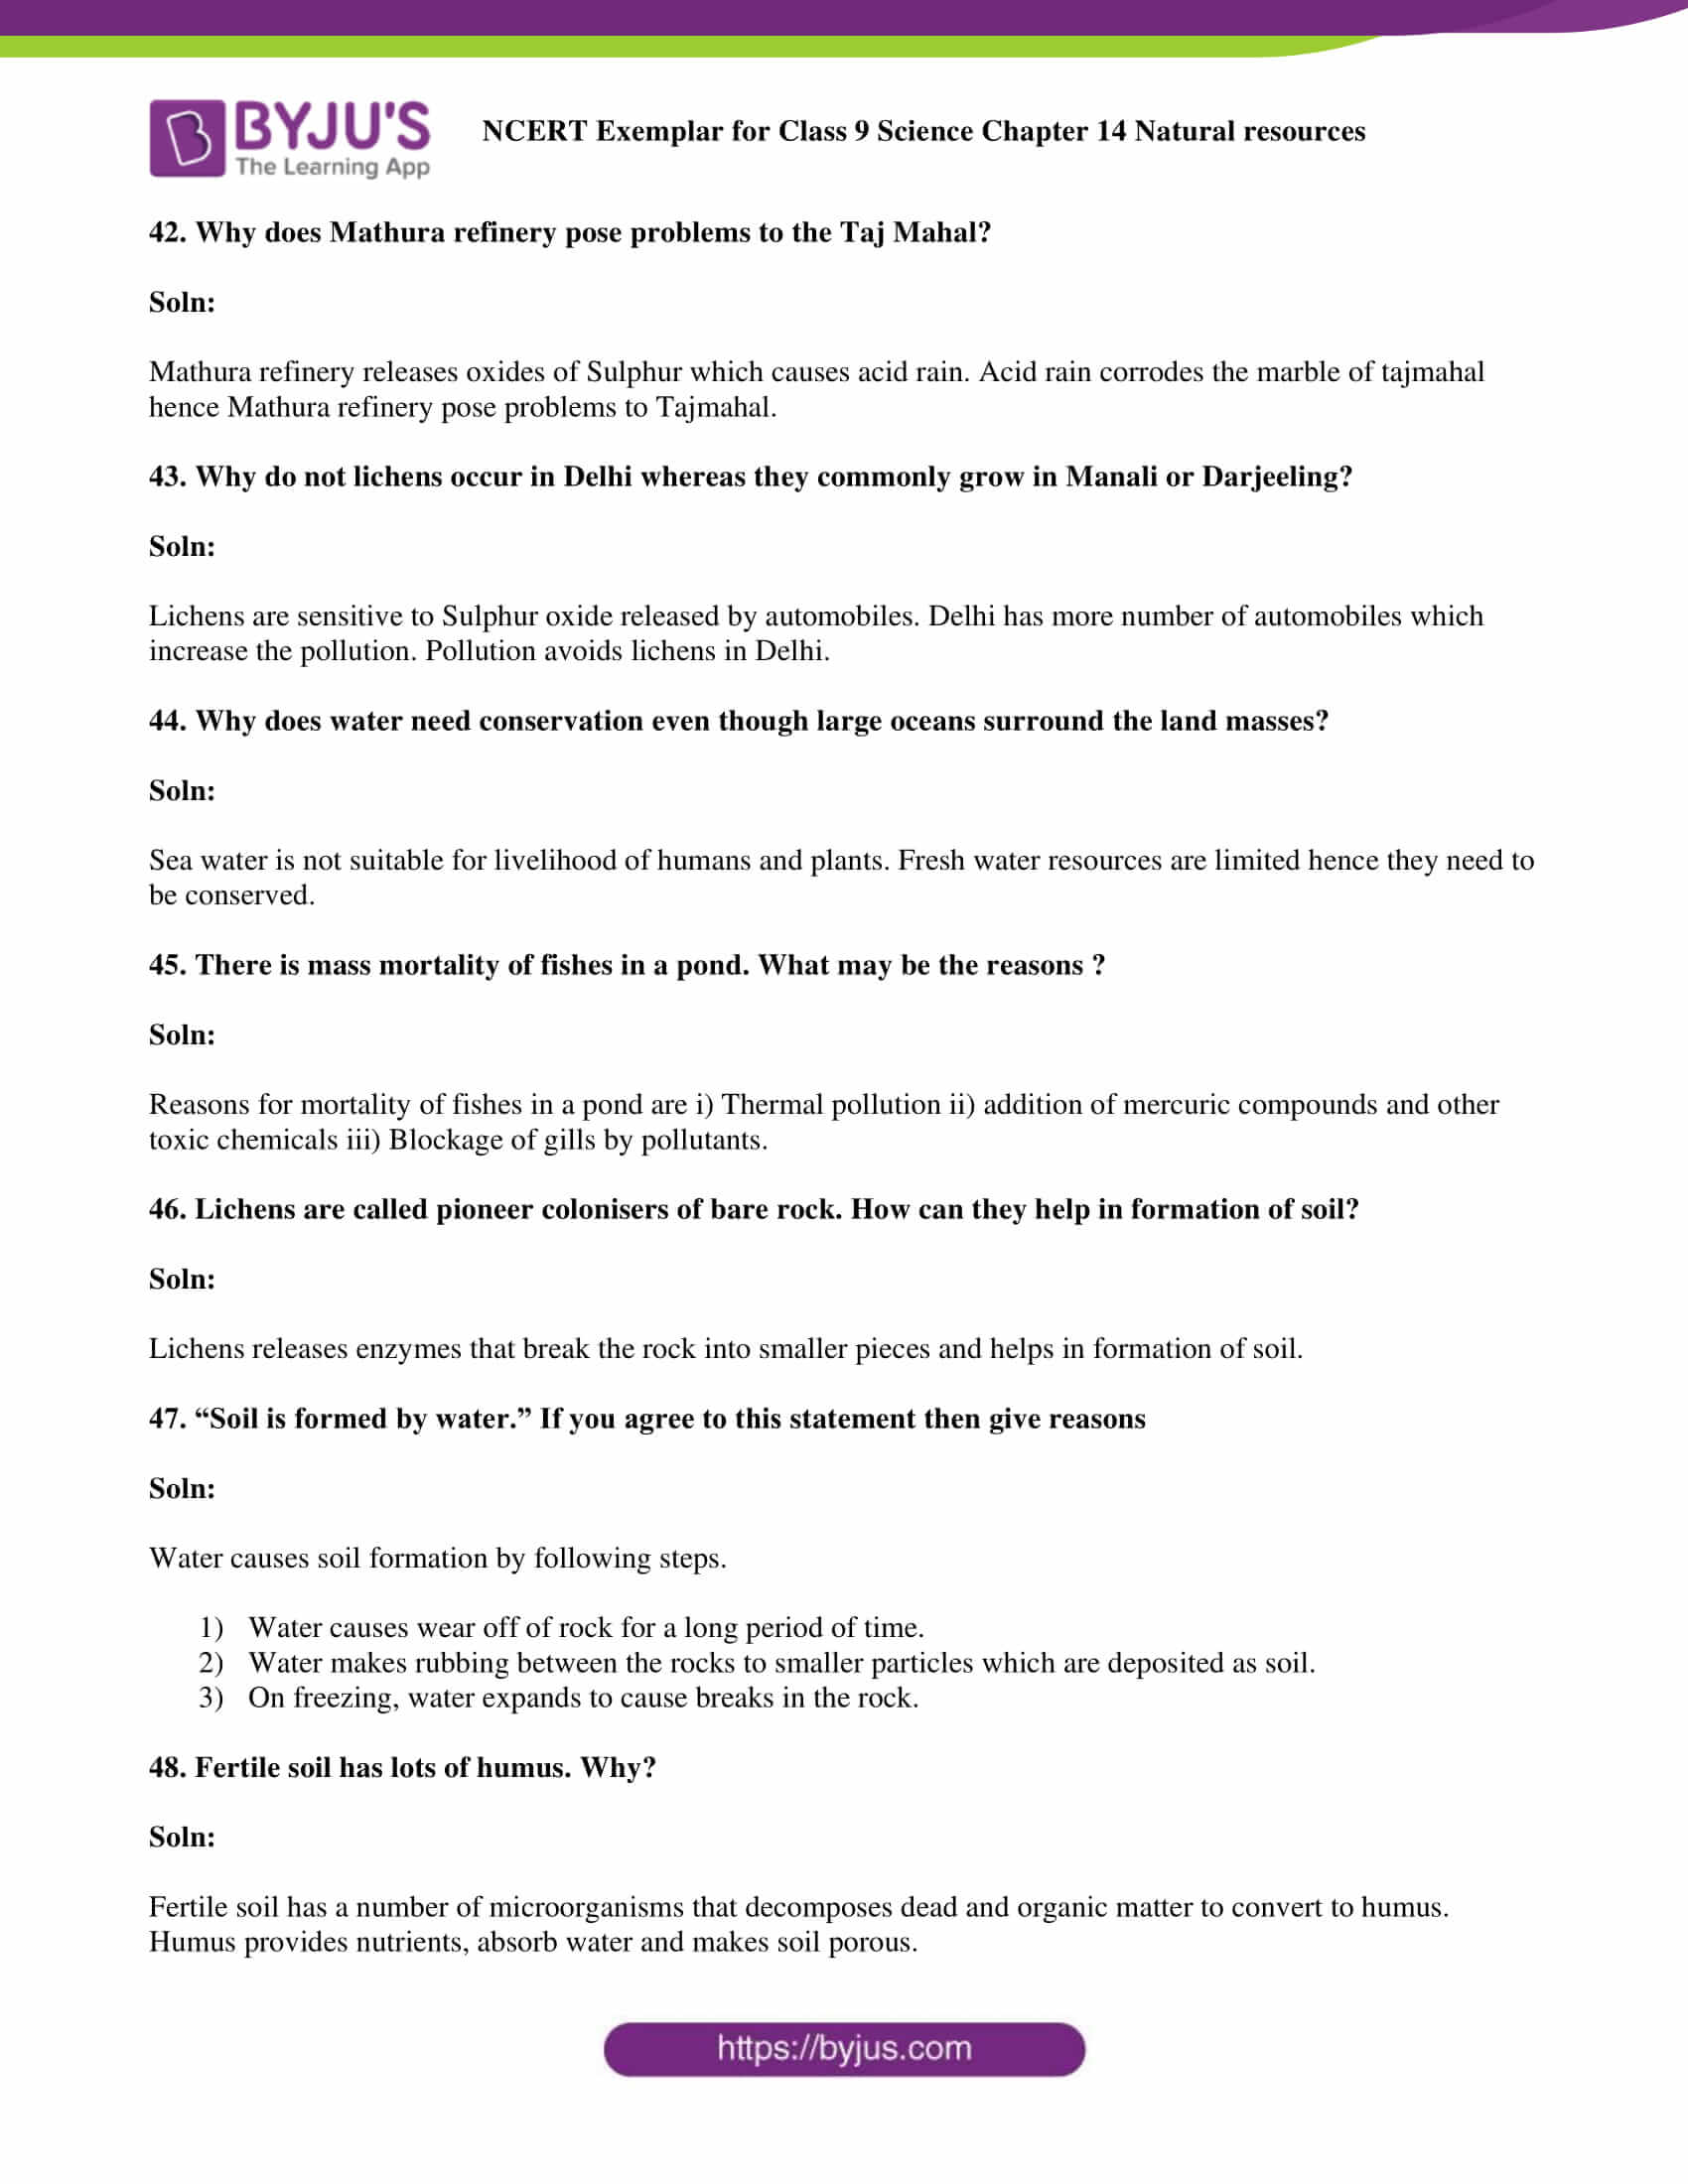 NCERT Exemplar solution class 9 Science Chapter 14 part 12